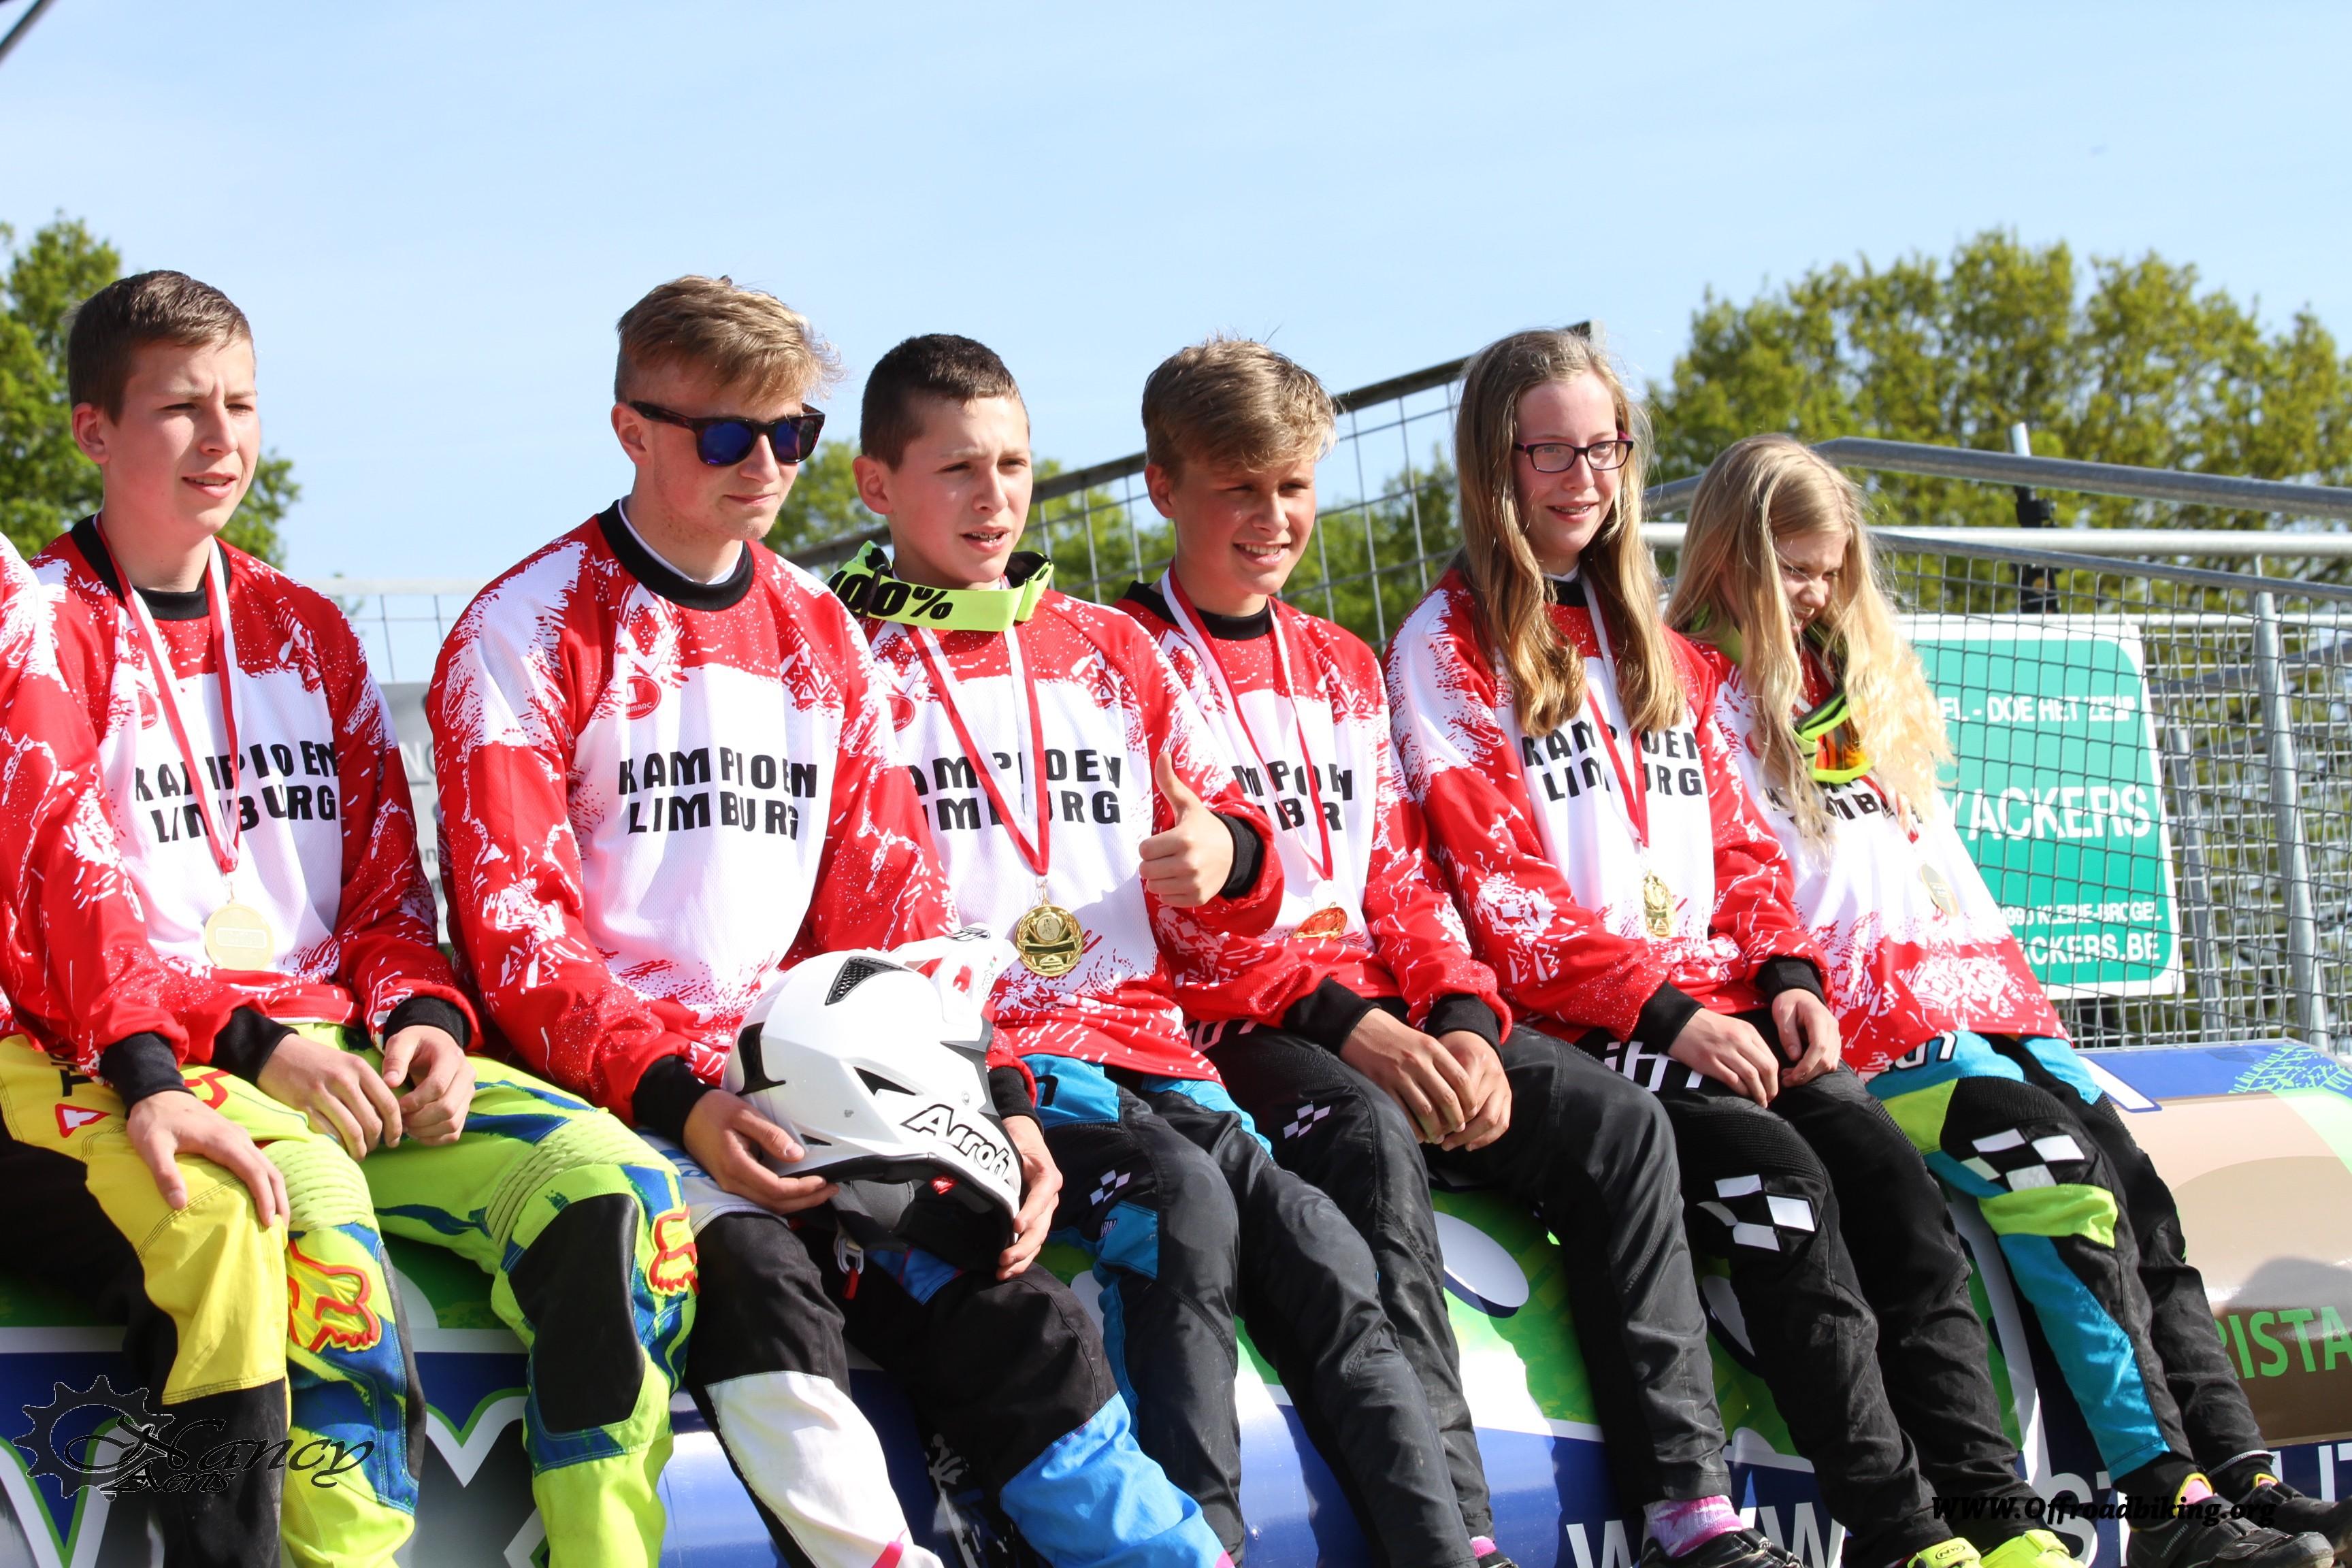 Kampioenschap van Limburg BMX 2015 – Peer 10 mei 2015